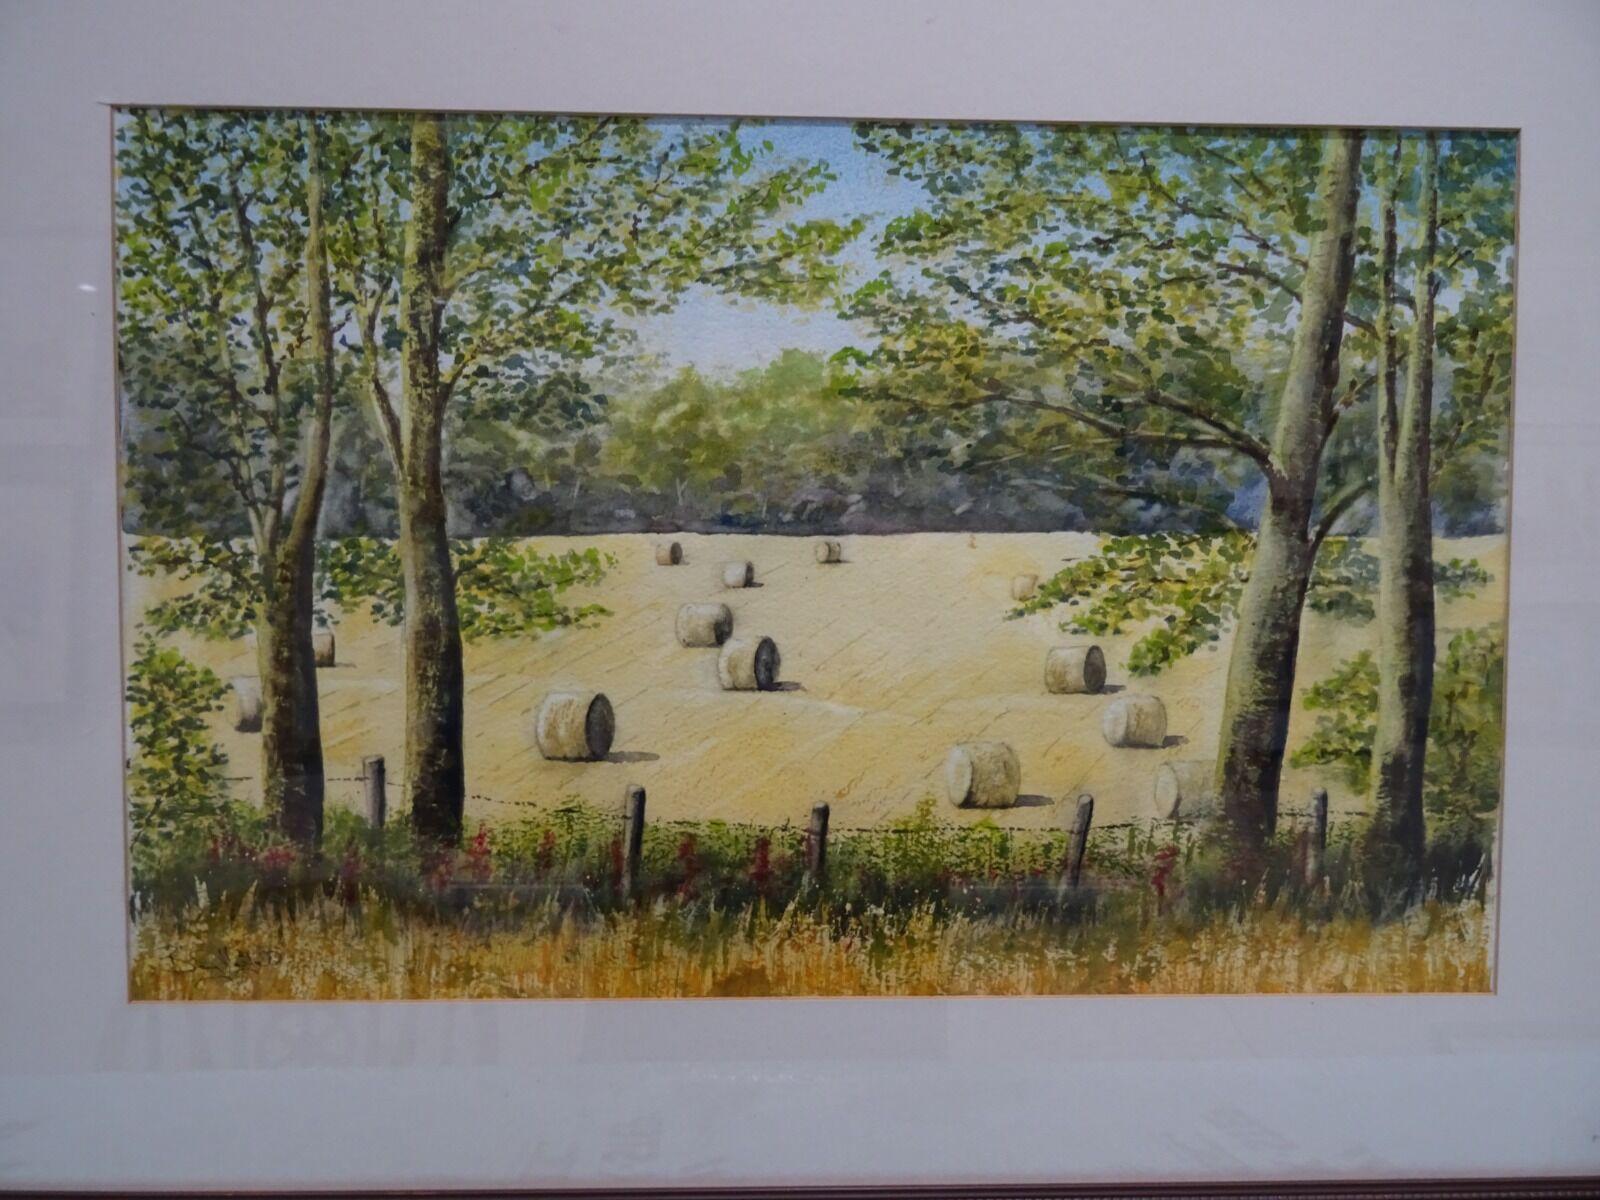 Sewerby Fields